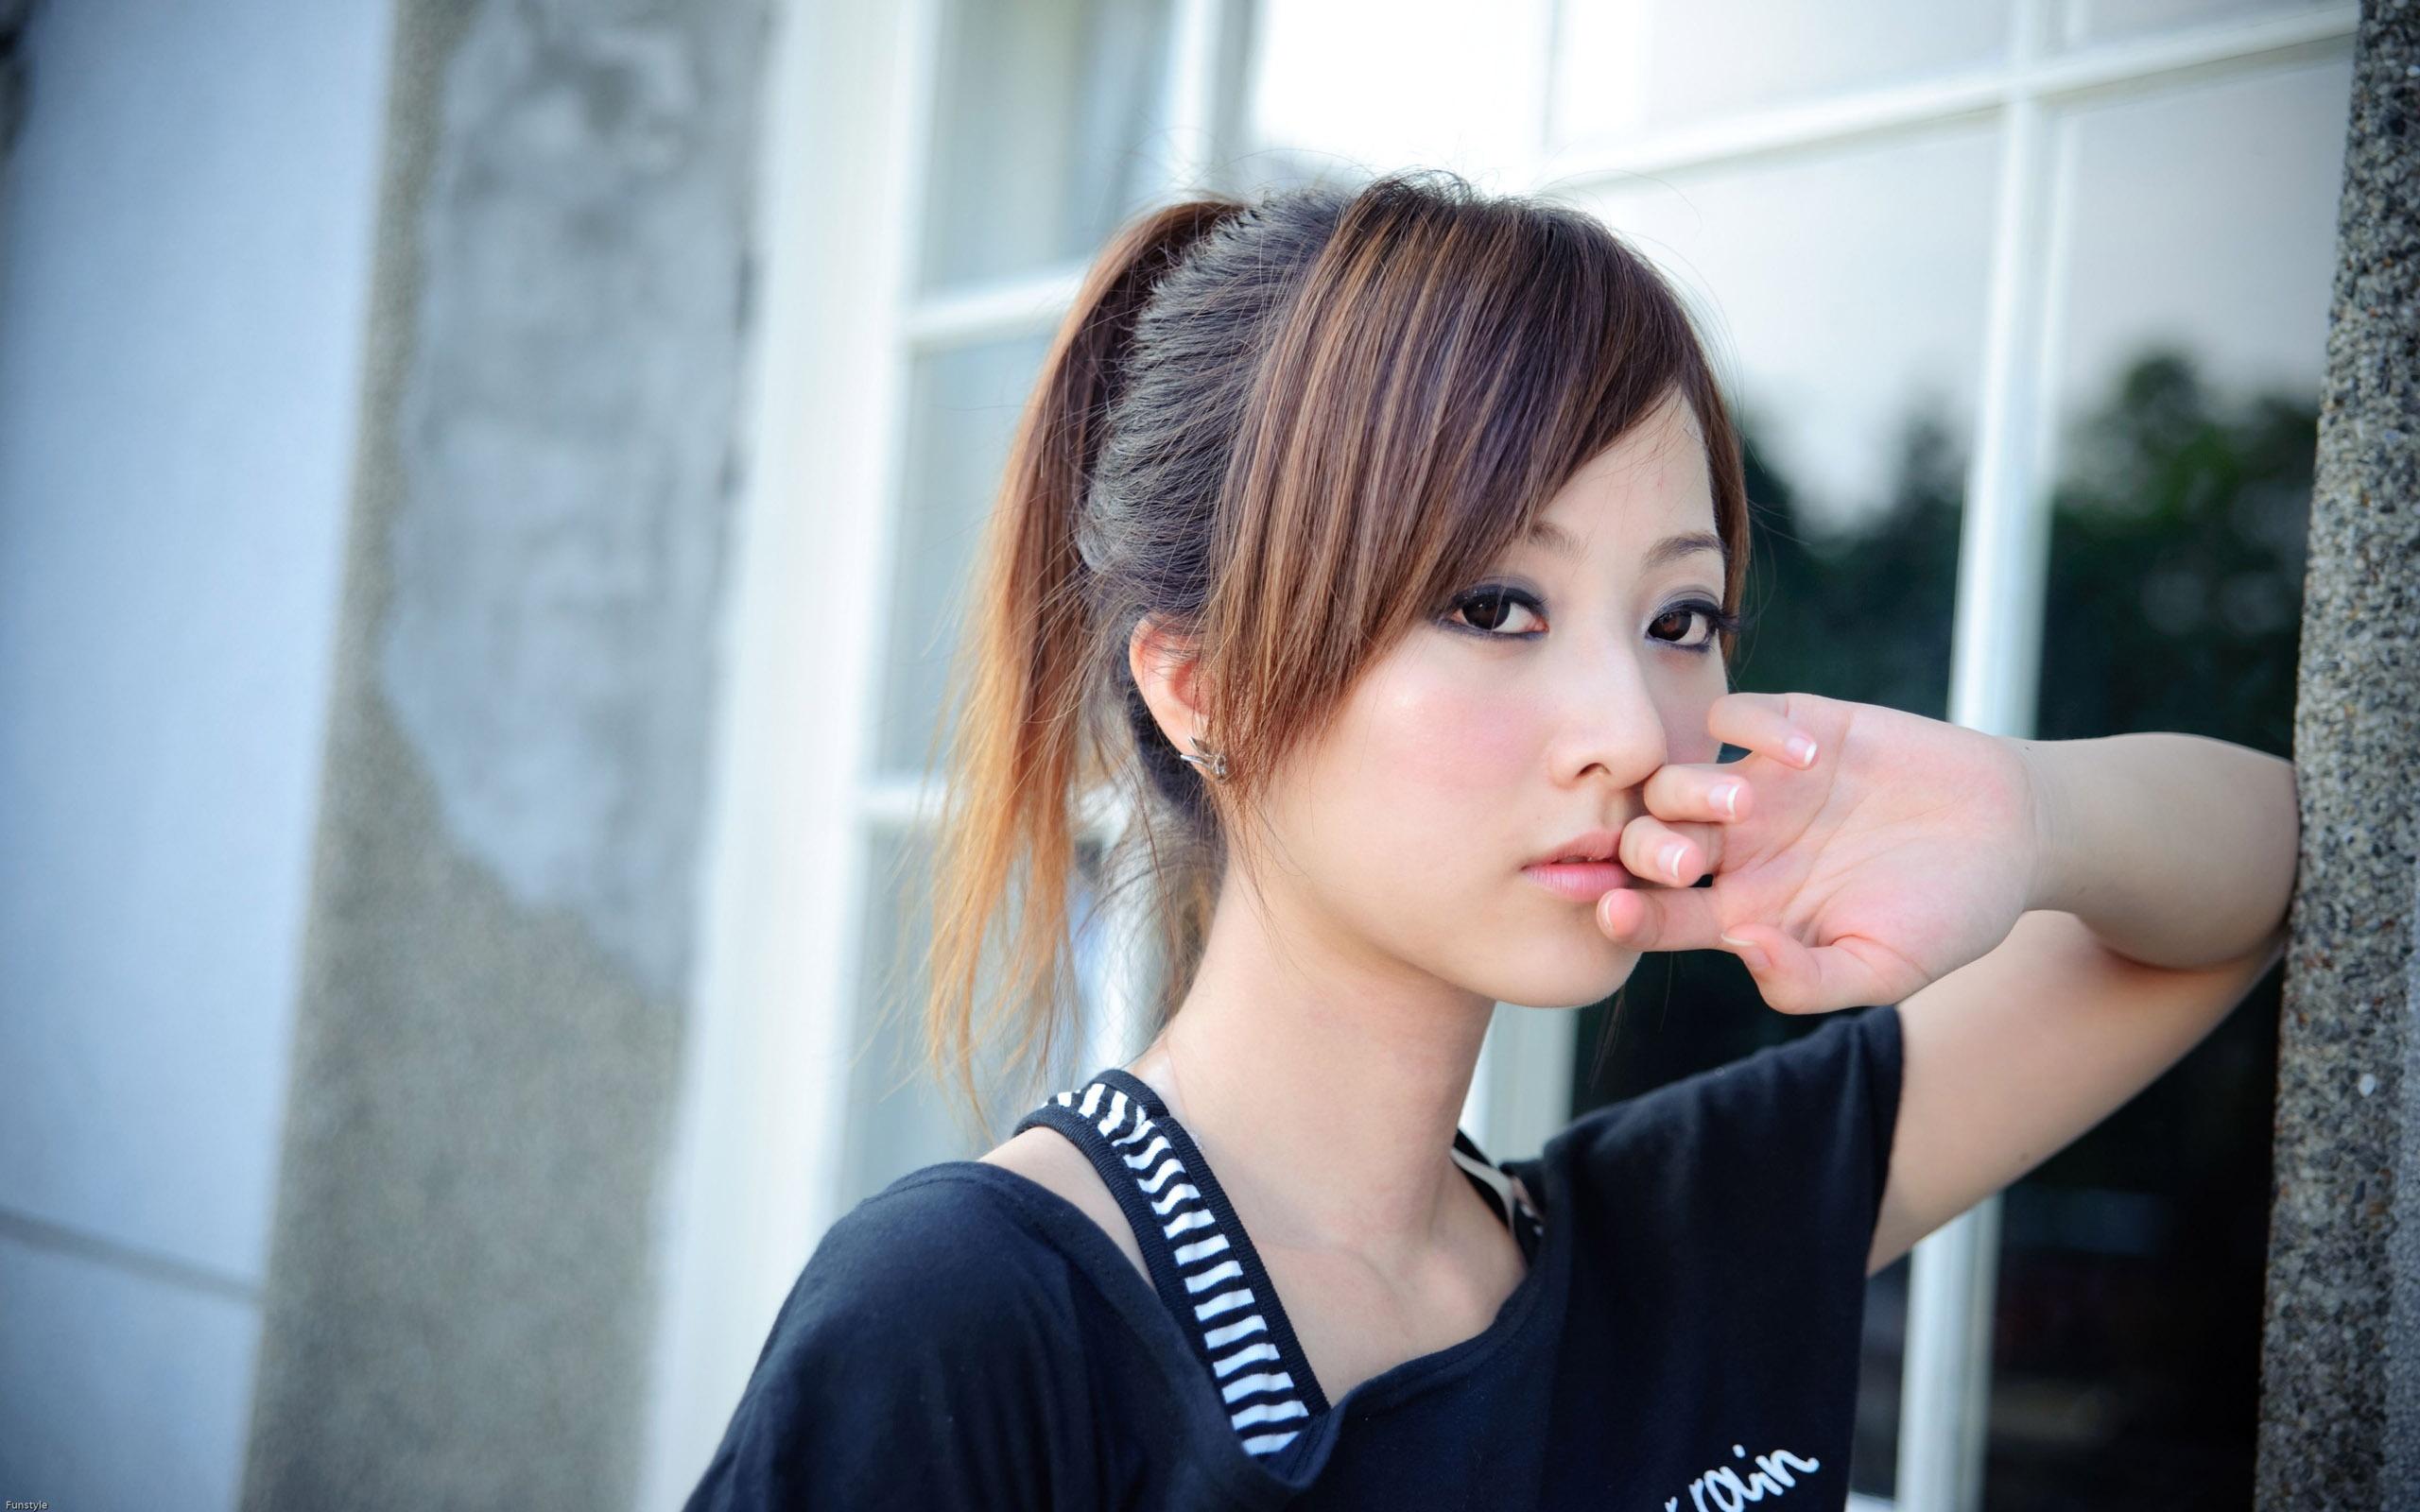 beautiful asian women | : Free Download Beautiful Asian Girl HD